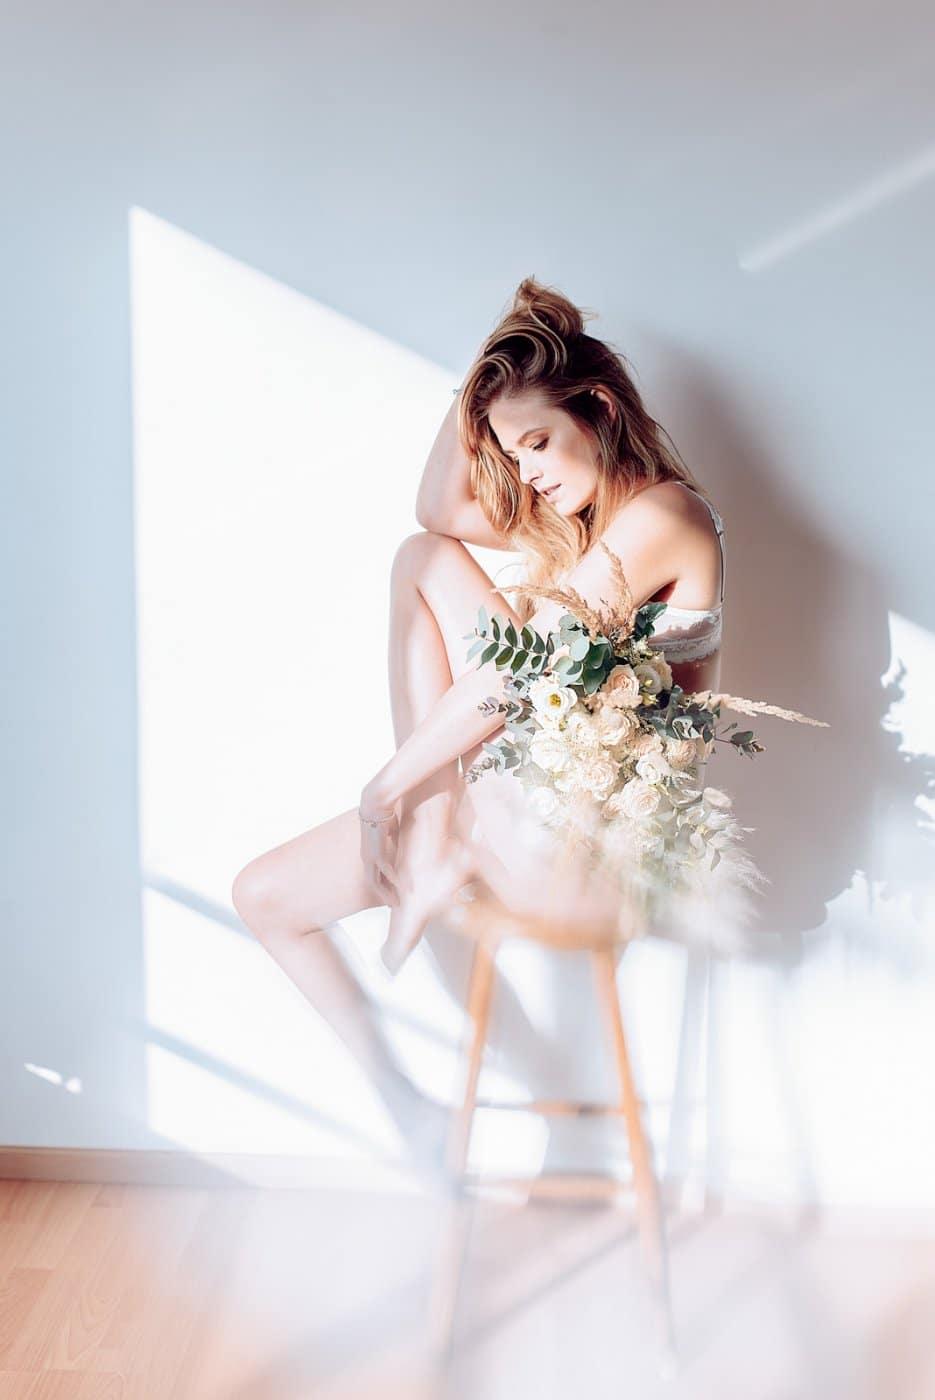 Portrait Photography By Anastasia Vervueren Anne Sophie Deckers Intimissimi